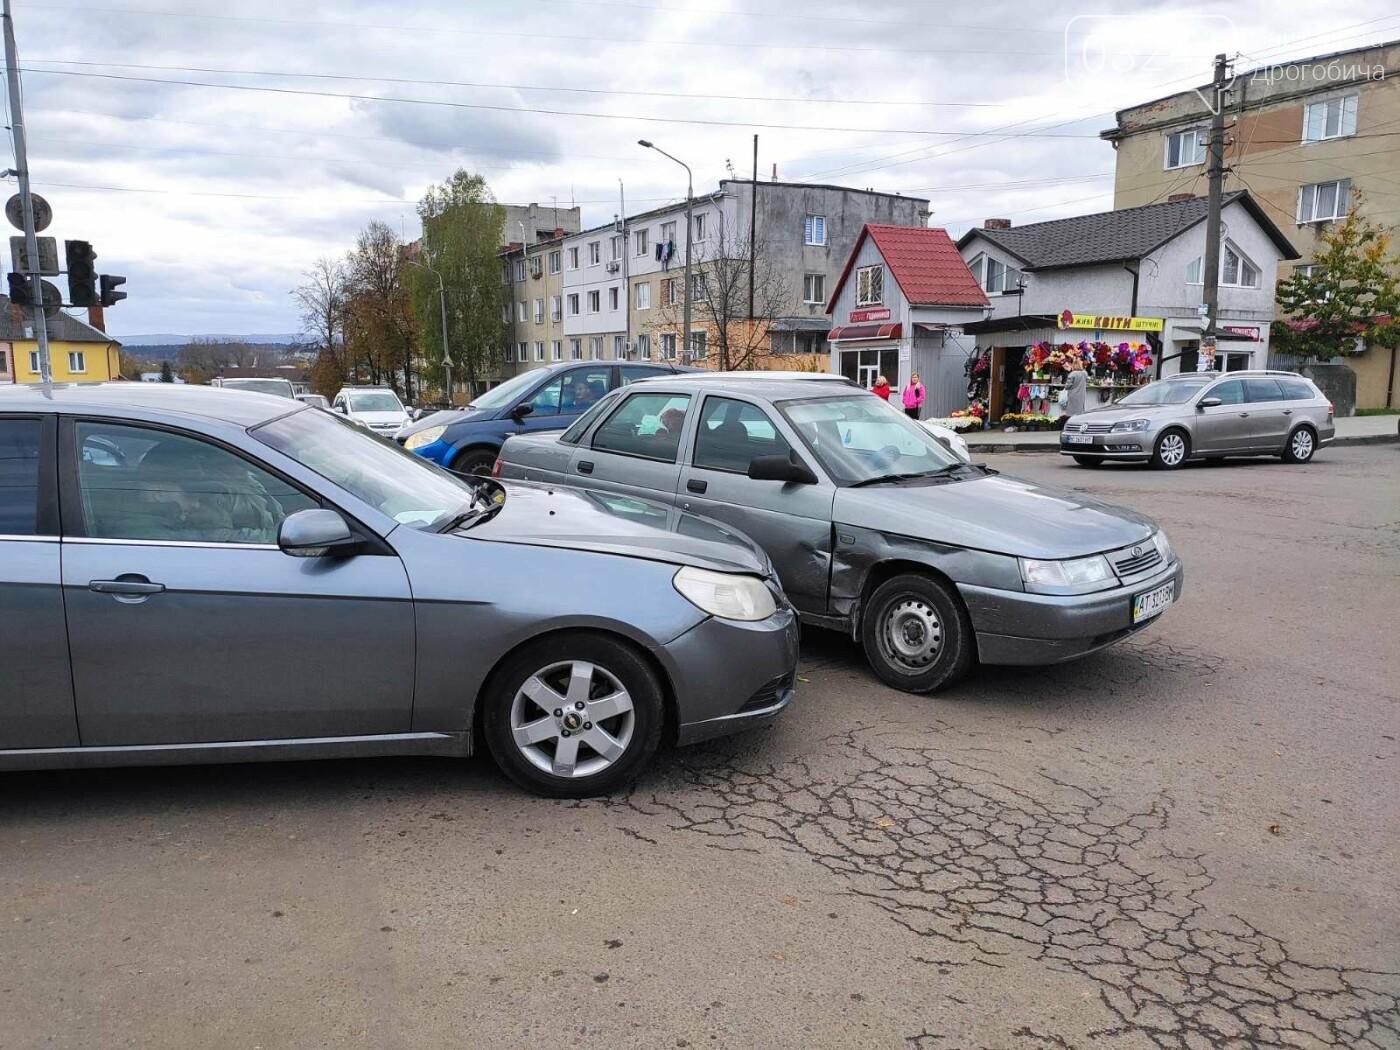 ДТП у Дрогобичі, на вулиці Грушевського, - ФОТО, фото-3